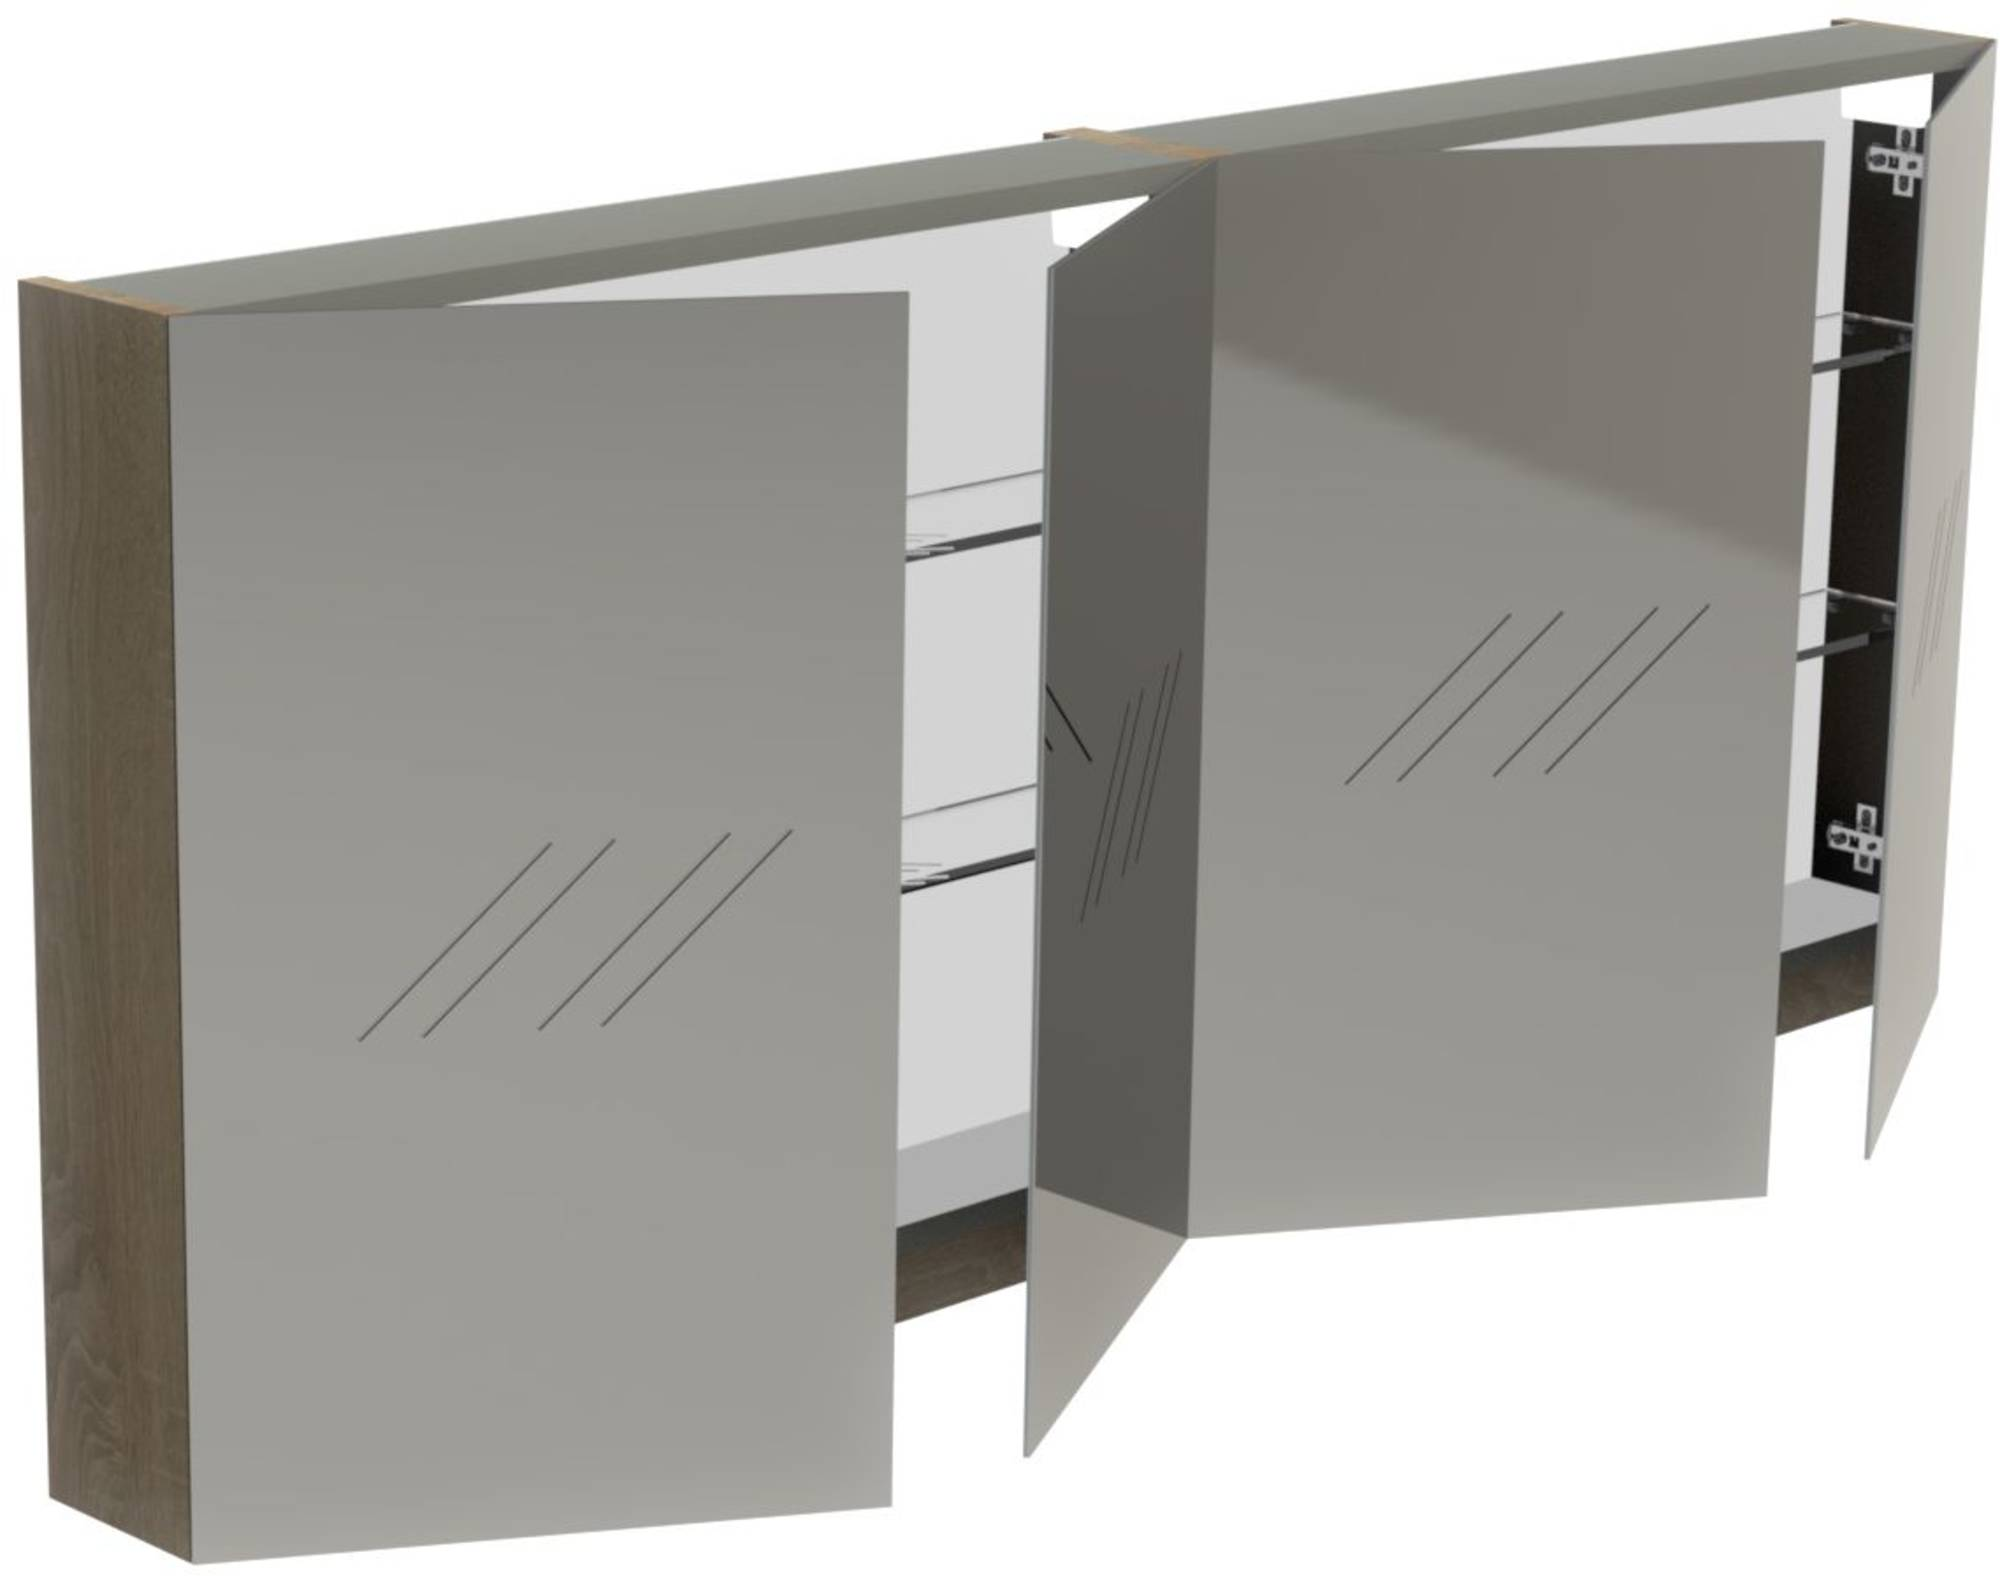 Thebalux Basic Spiegelkast 70x160x13,5 cm Zijdeglans Wit